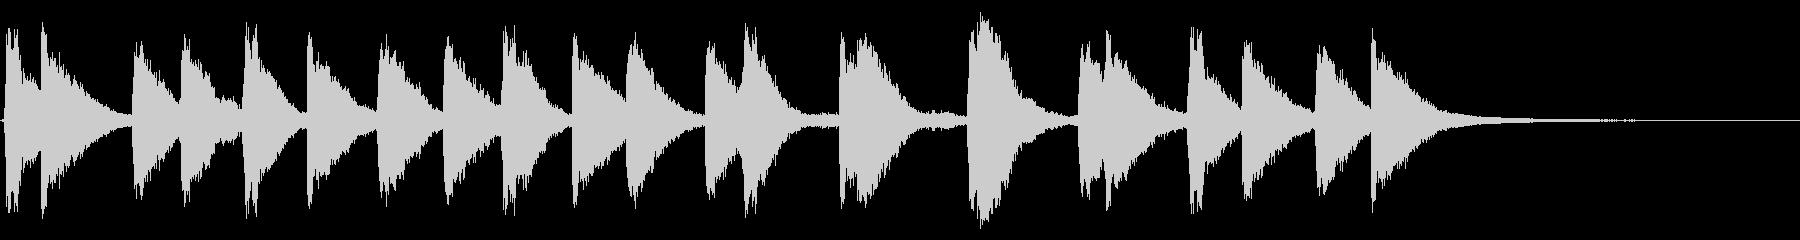 メルトン教会、2つの鐘:リンギングの未再生の波形